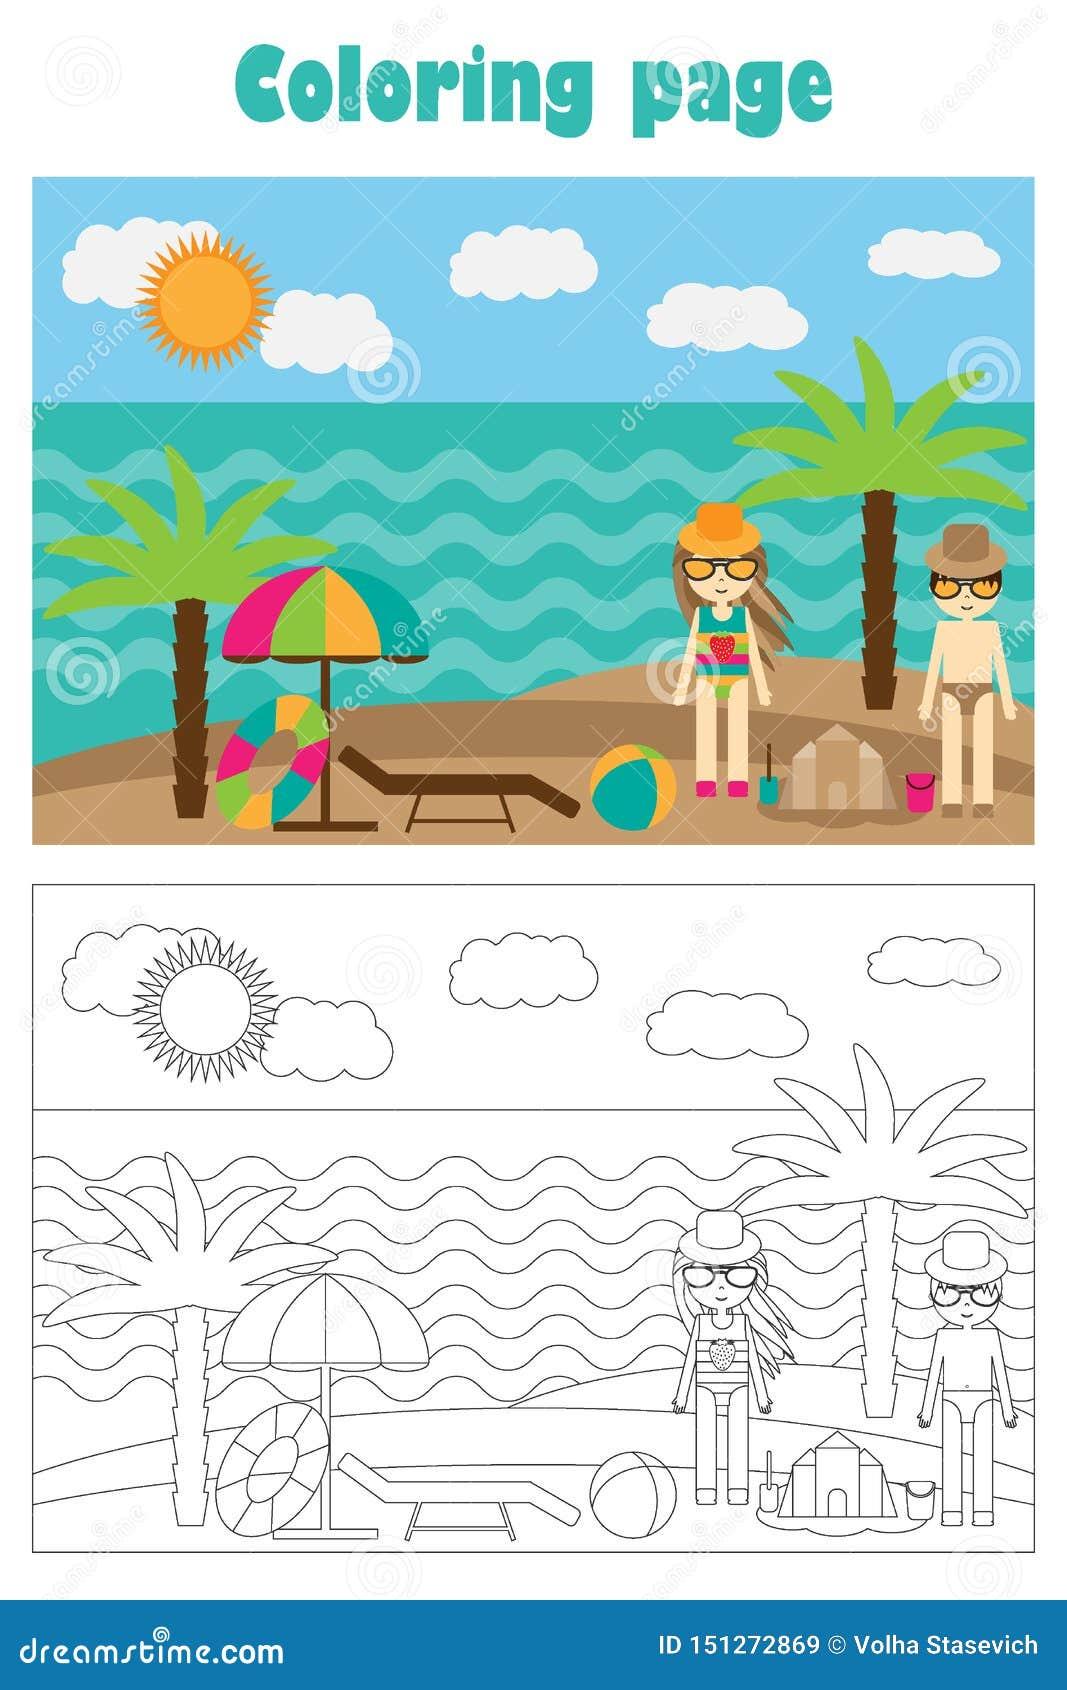 Sommarstrand i tecknad filmstil, sommarfärgläggningsida, utbildningspapperslek för utvecklingen av barn, förskole- aktivitet för